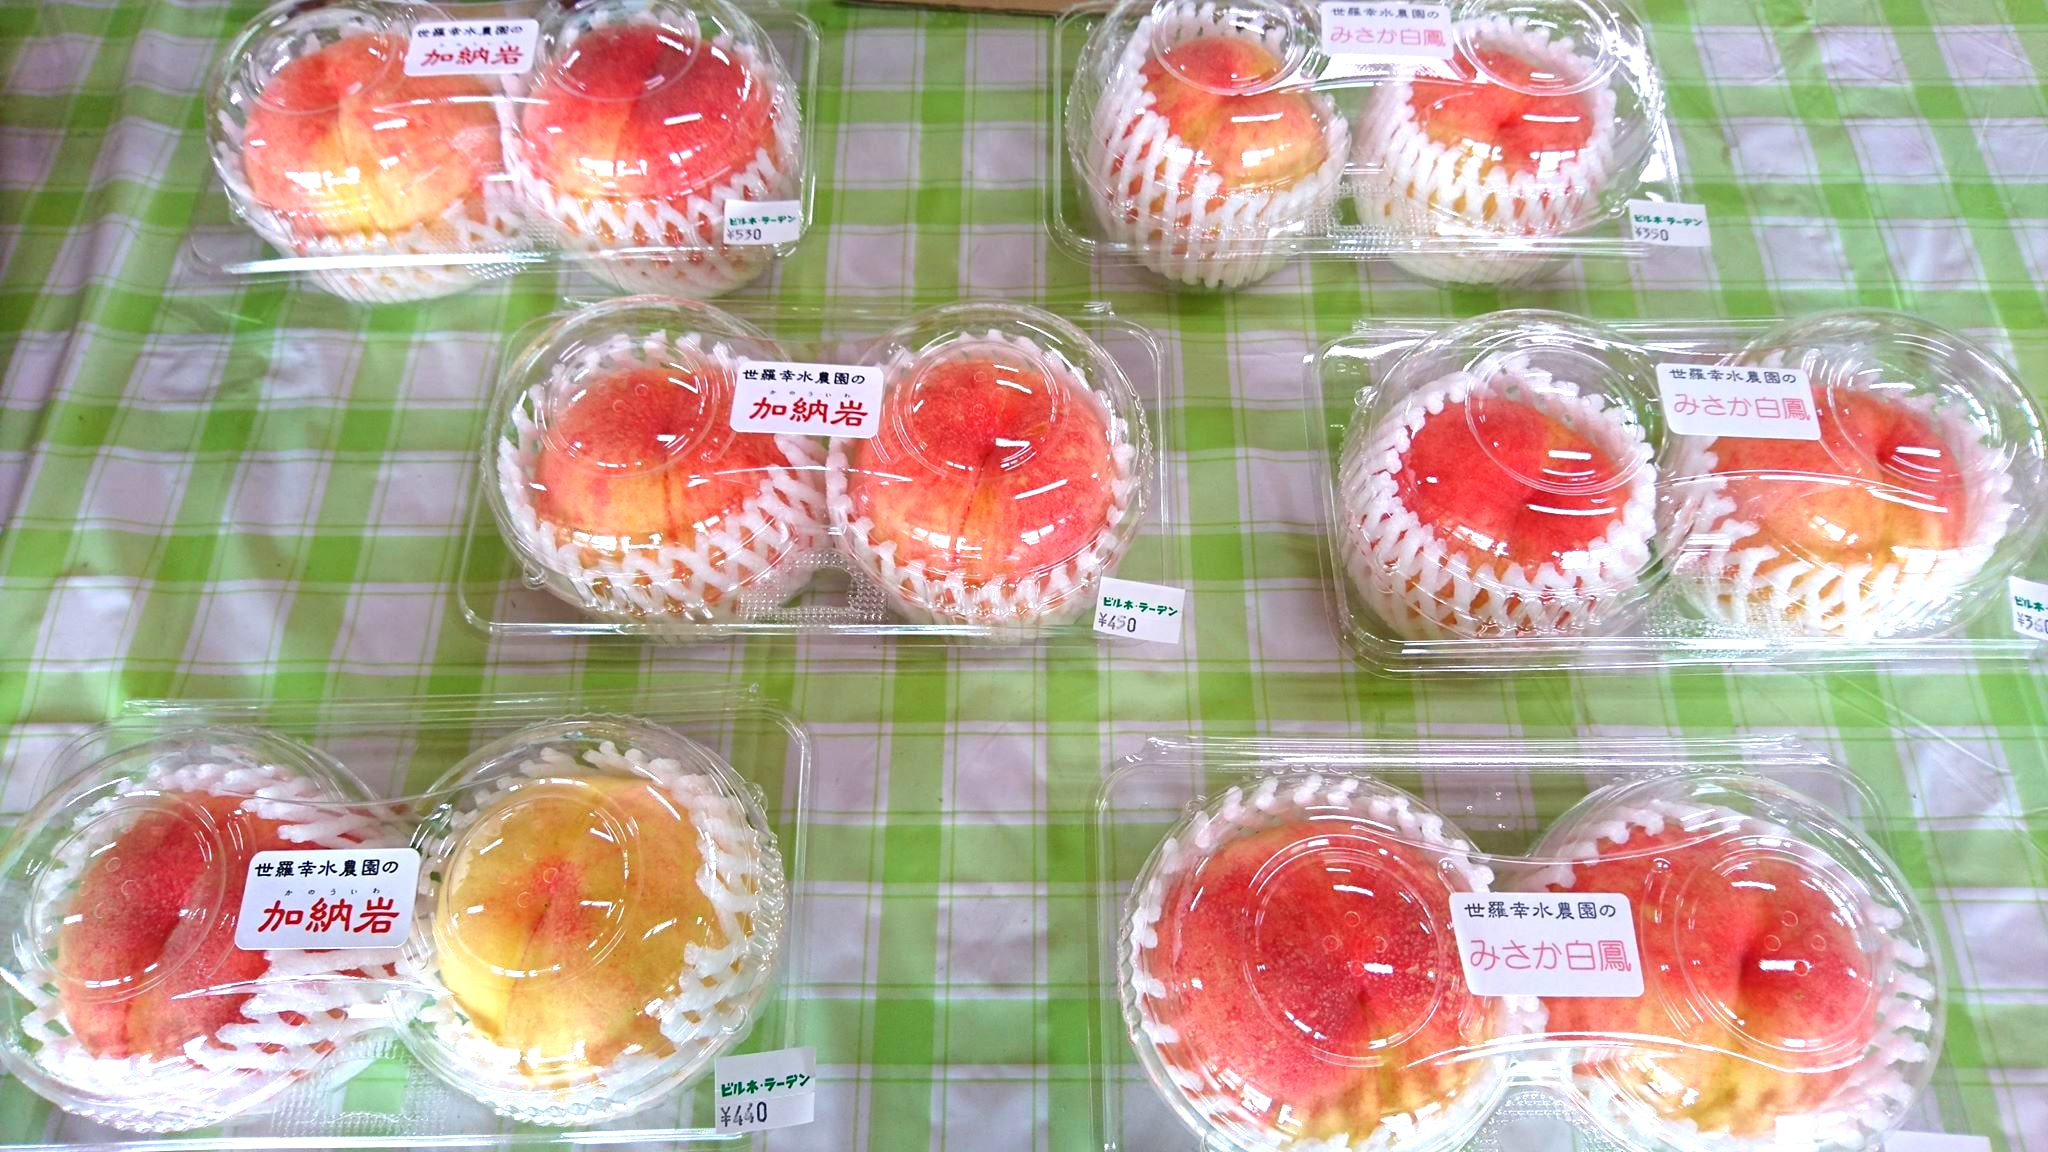 世羅幸水農園 桃の販売 加納岩白桃・みさか白鳳 2